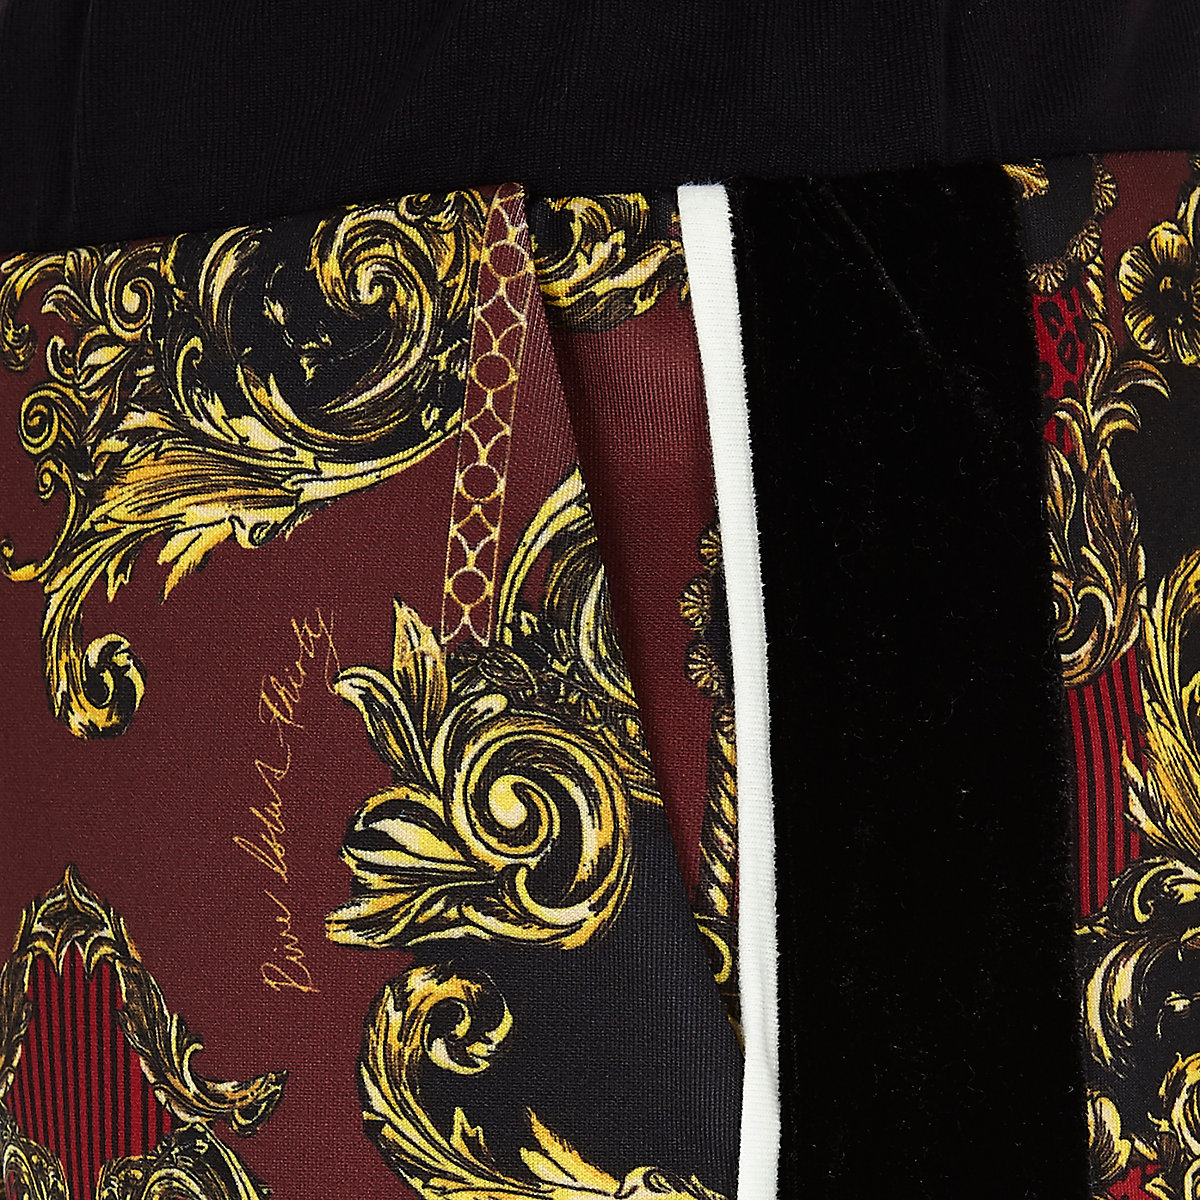 Bas de survêtement RI 30 imprimé rouge pour fille - Pantalons de ... bef97e0d805